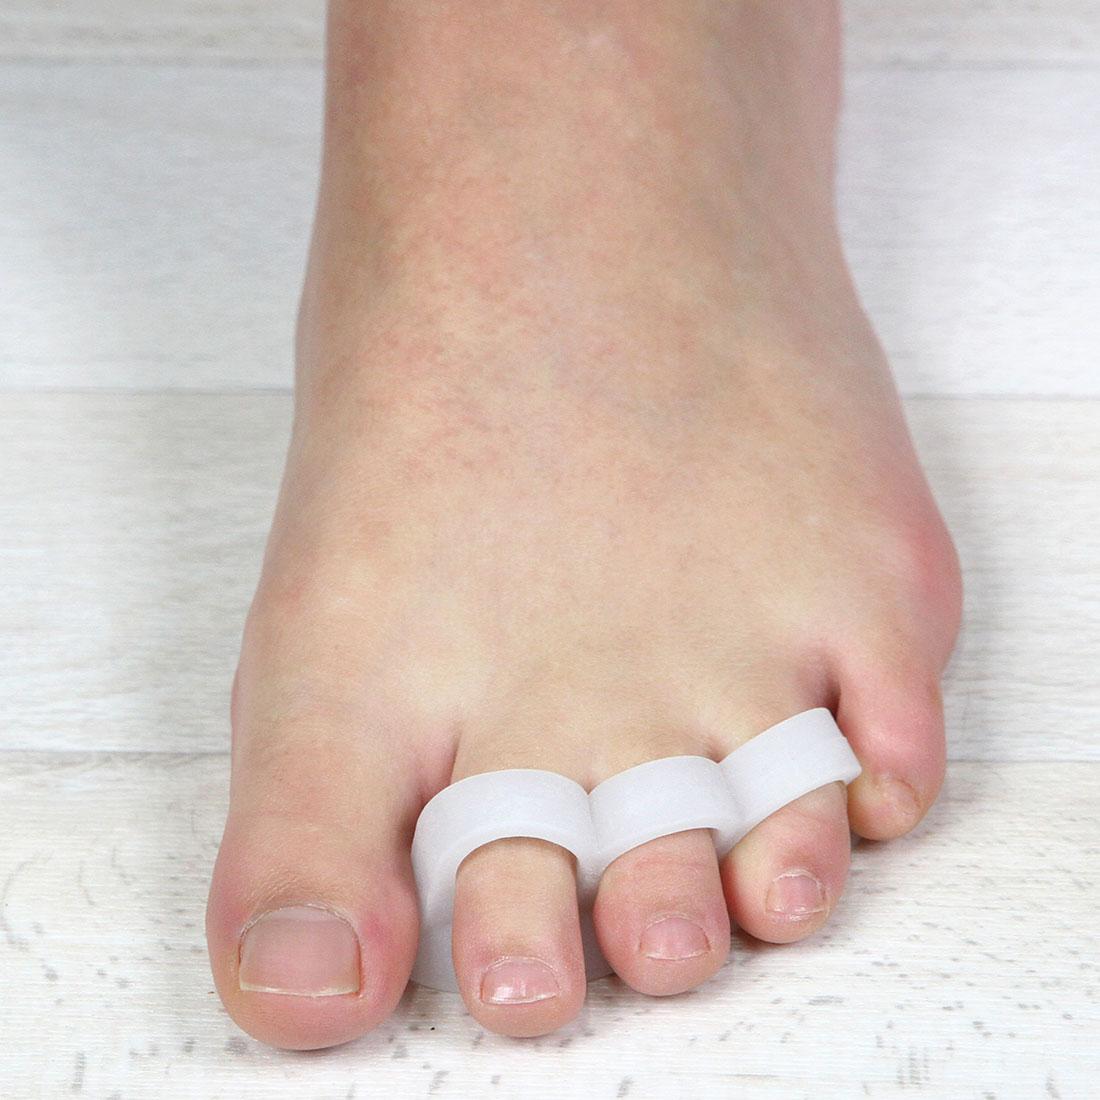 Разделители для пальцев ног с 3-мя делениями, 2 штуки [06754]